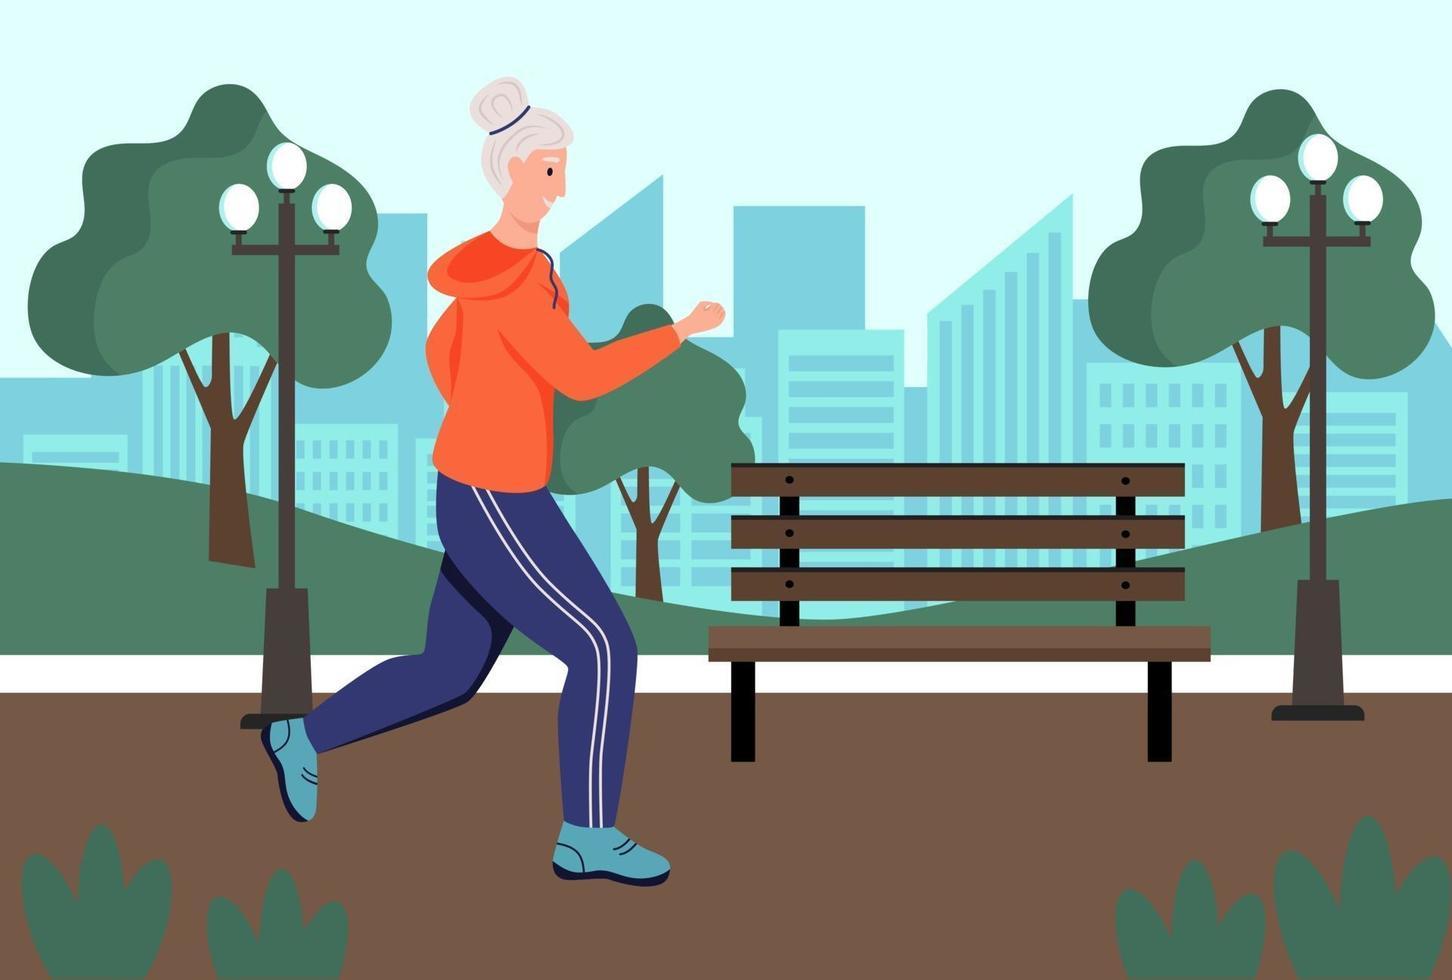 Eine ältere Frau rennt in den Park. das Konzept des aktiven Alters, des Sports und des Laufens. Tag der älteren Menschen. flache Karikaturvektorillustration. vektor